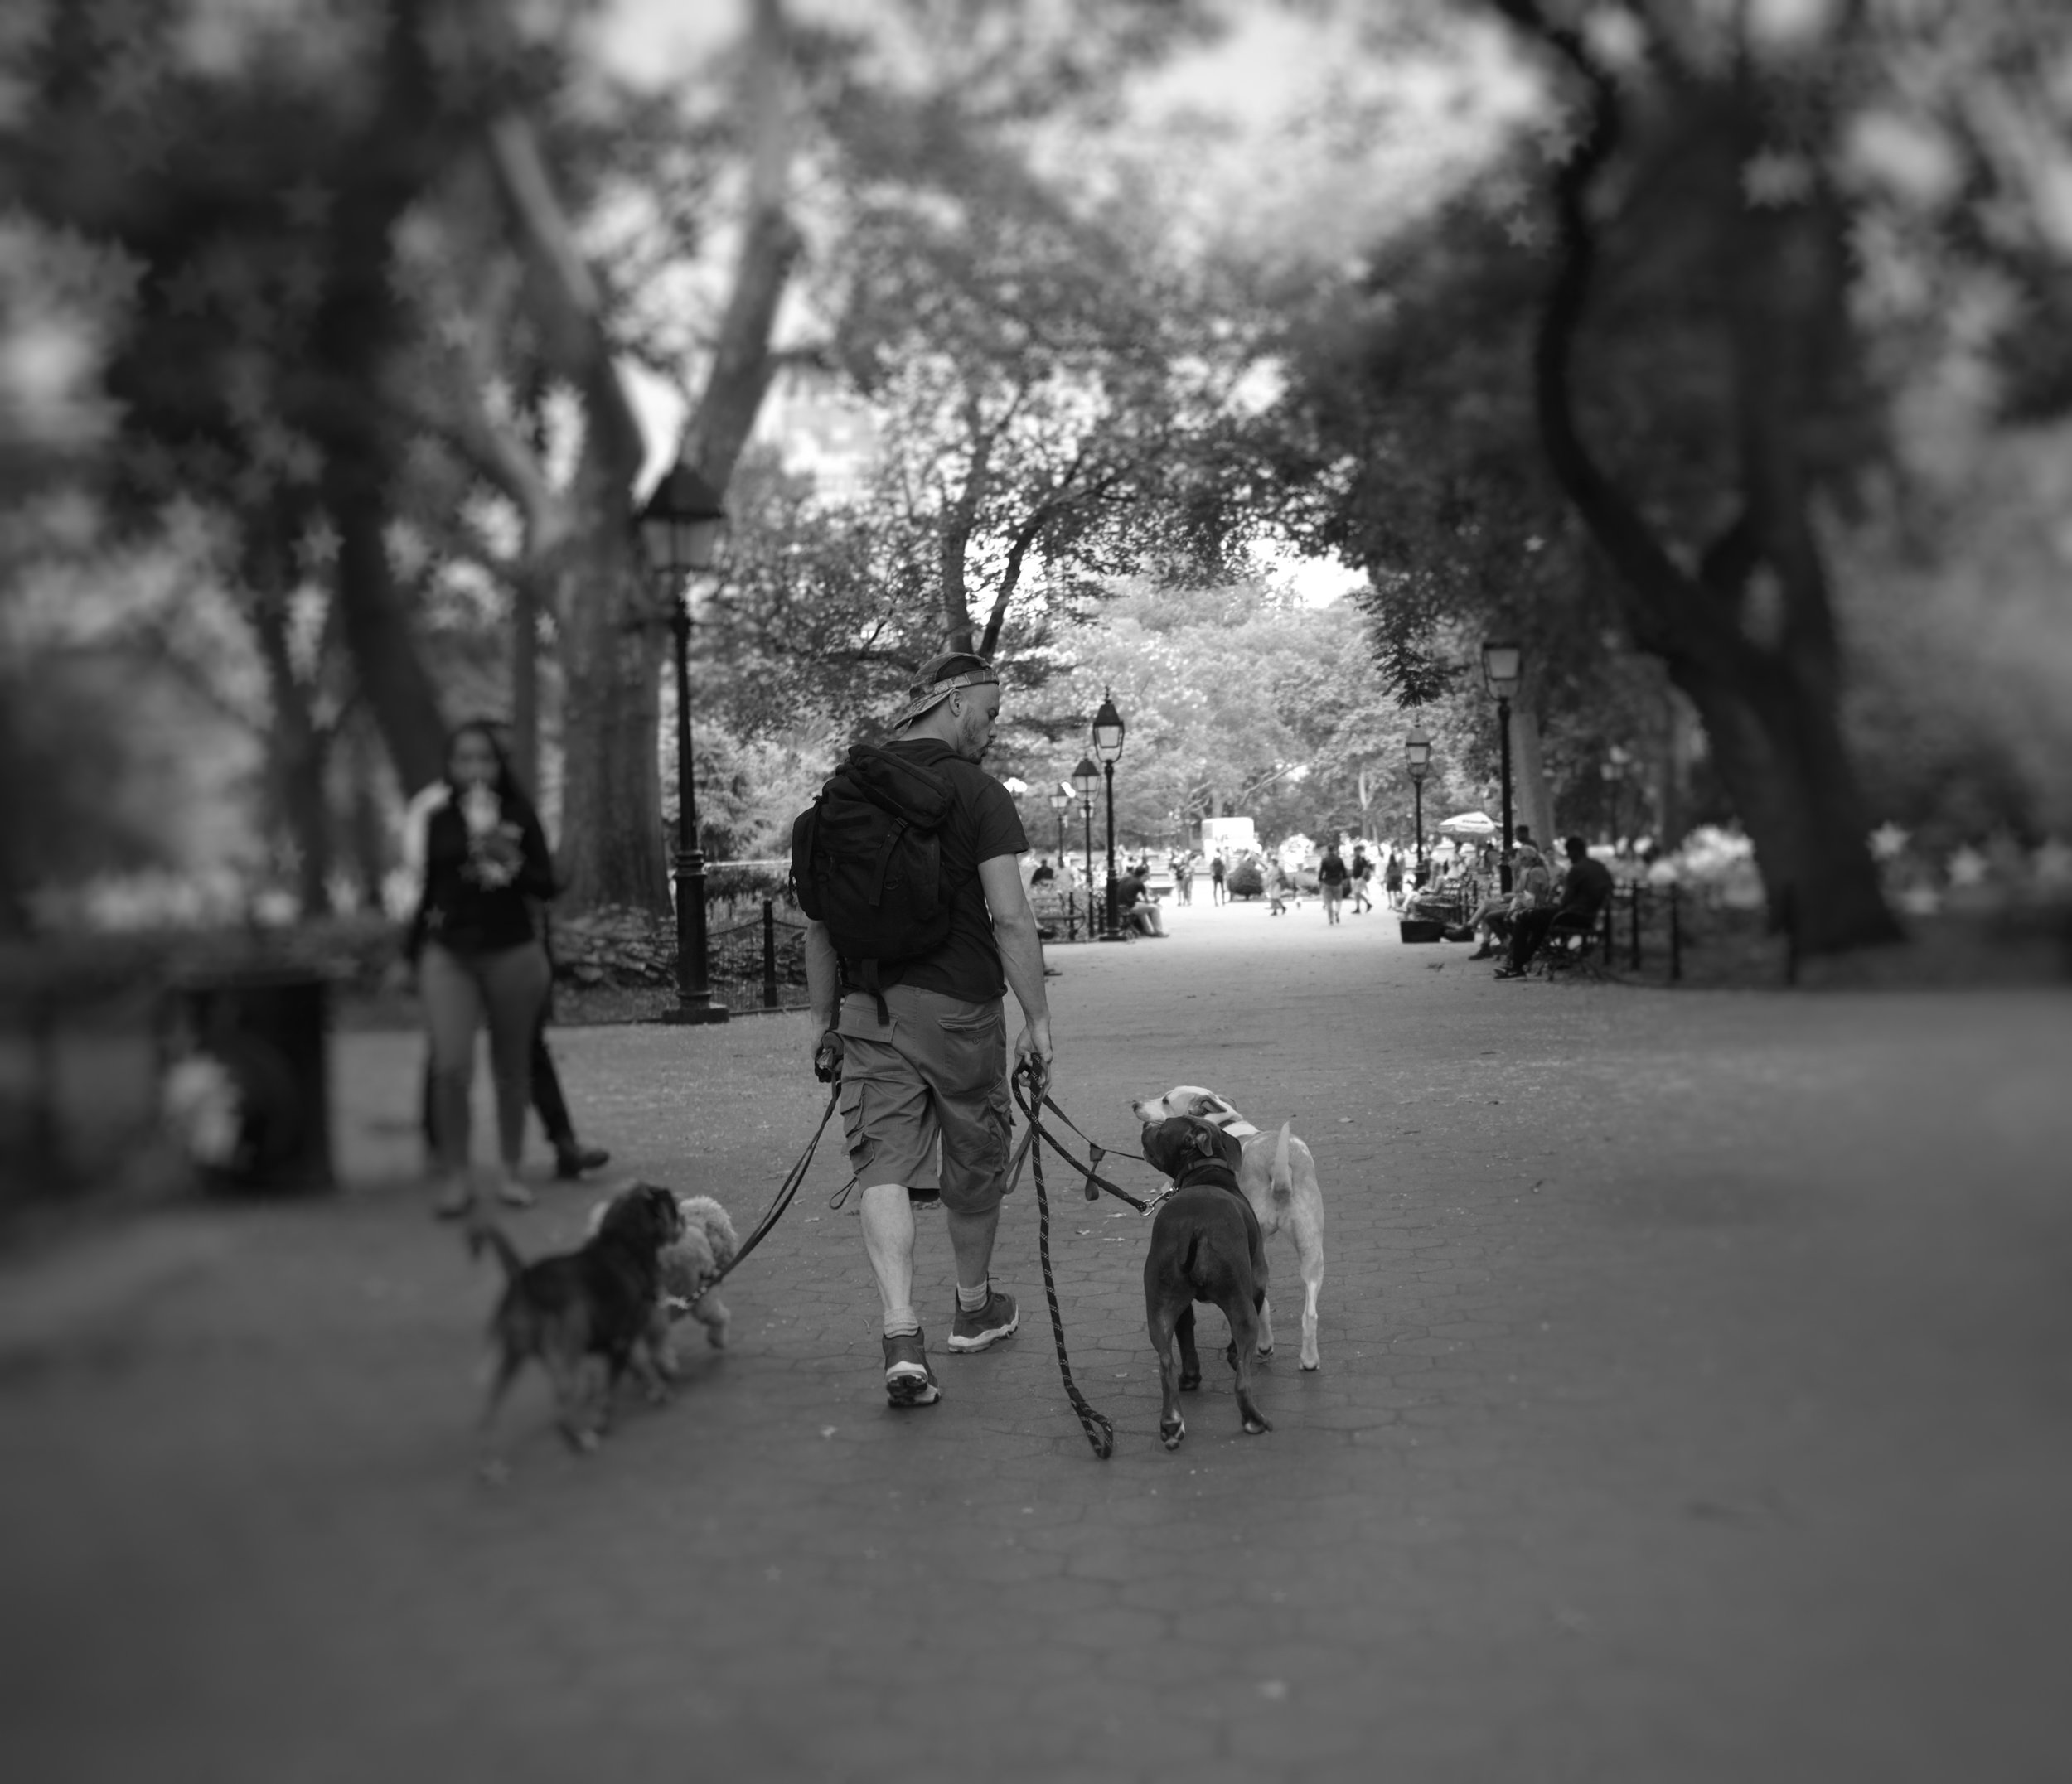 First a stroll through Washington Square Park